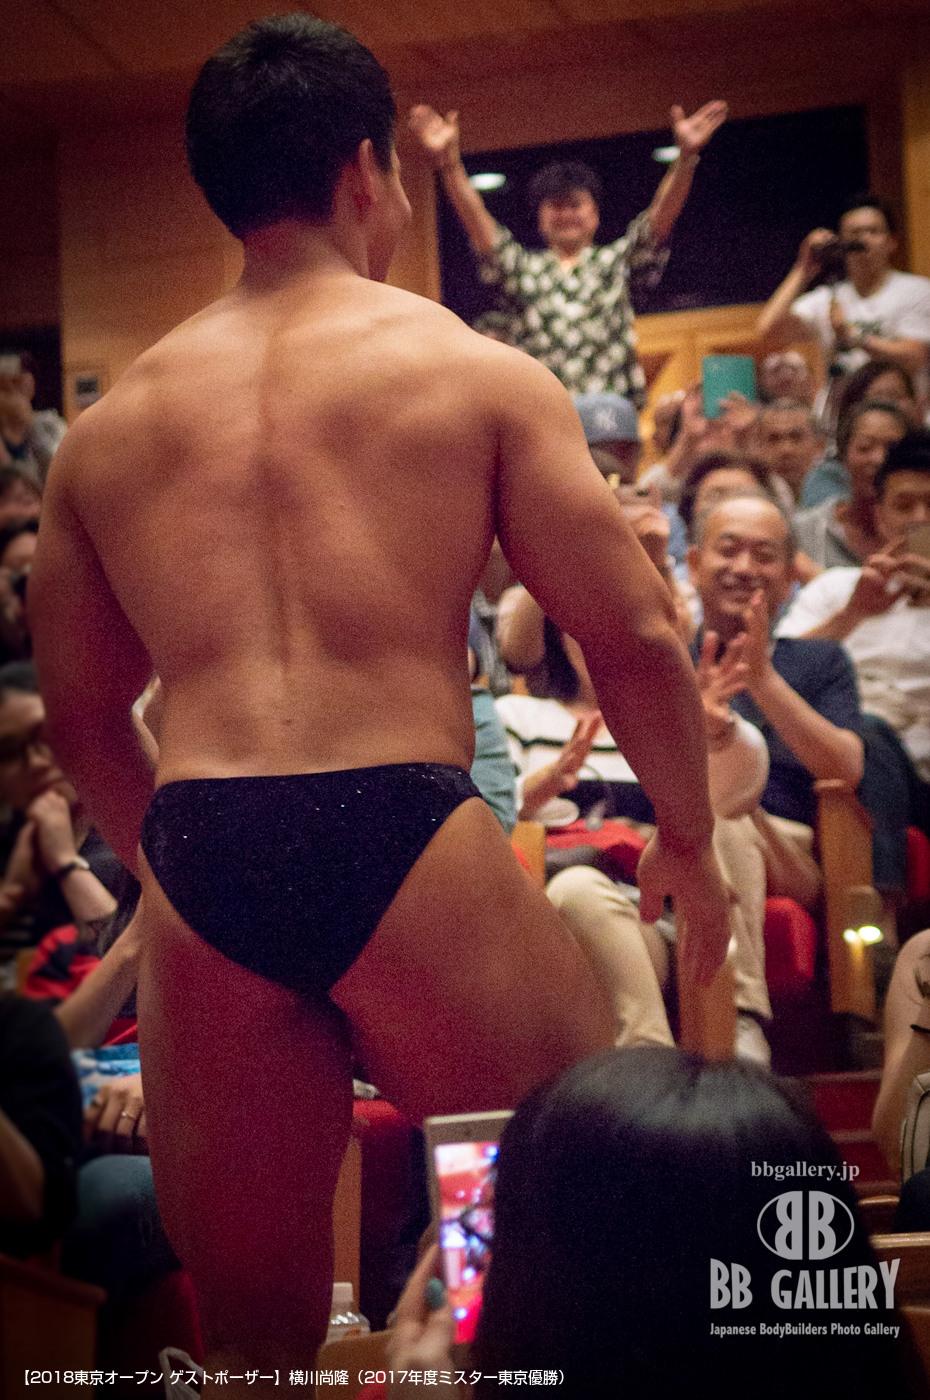 【2018東京オープン ゲストポーザー】横川尚隆(2017年度ミスター東京優勝)